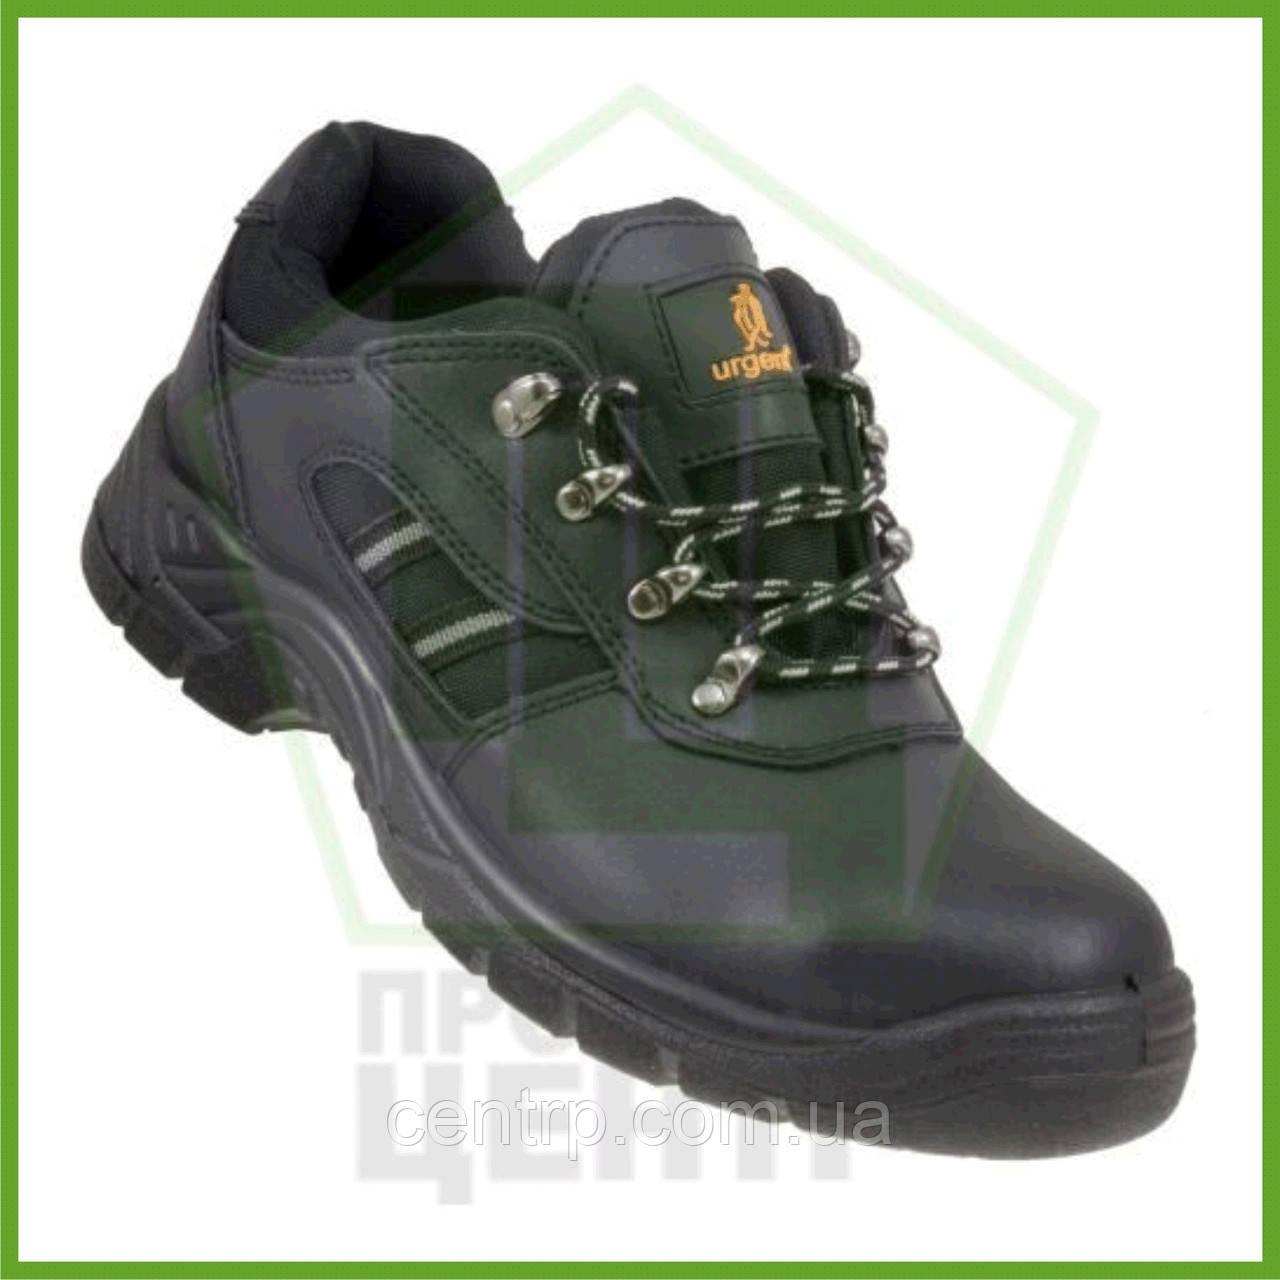 Туфли рабочие кожаные с металлическим носком URGENT 207 SB (натур.кожа)